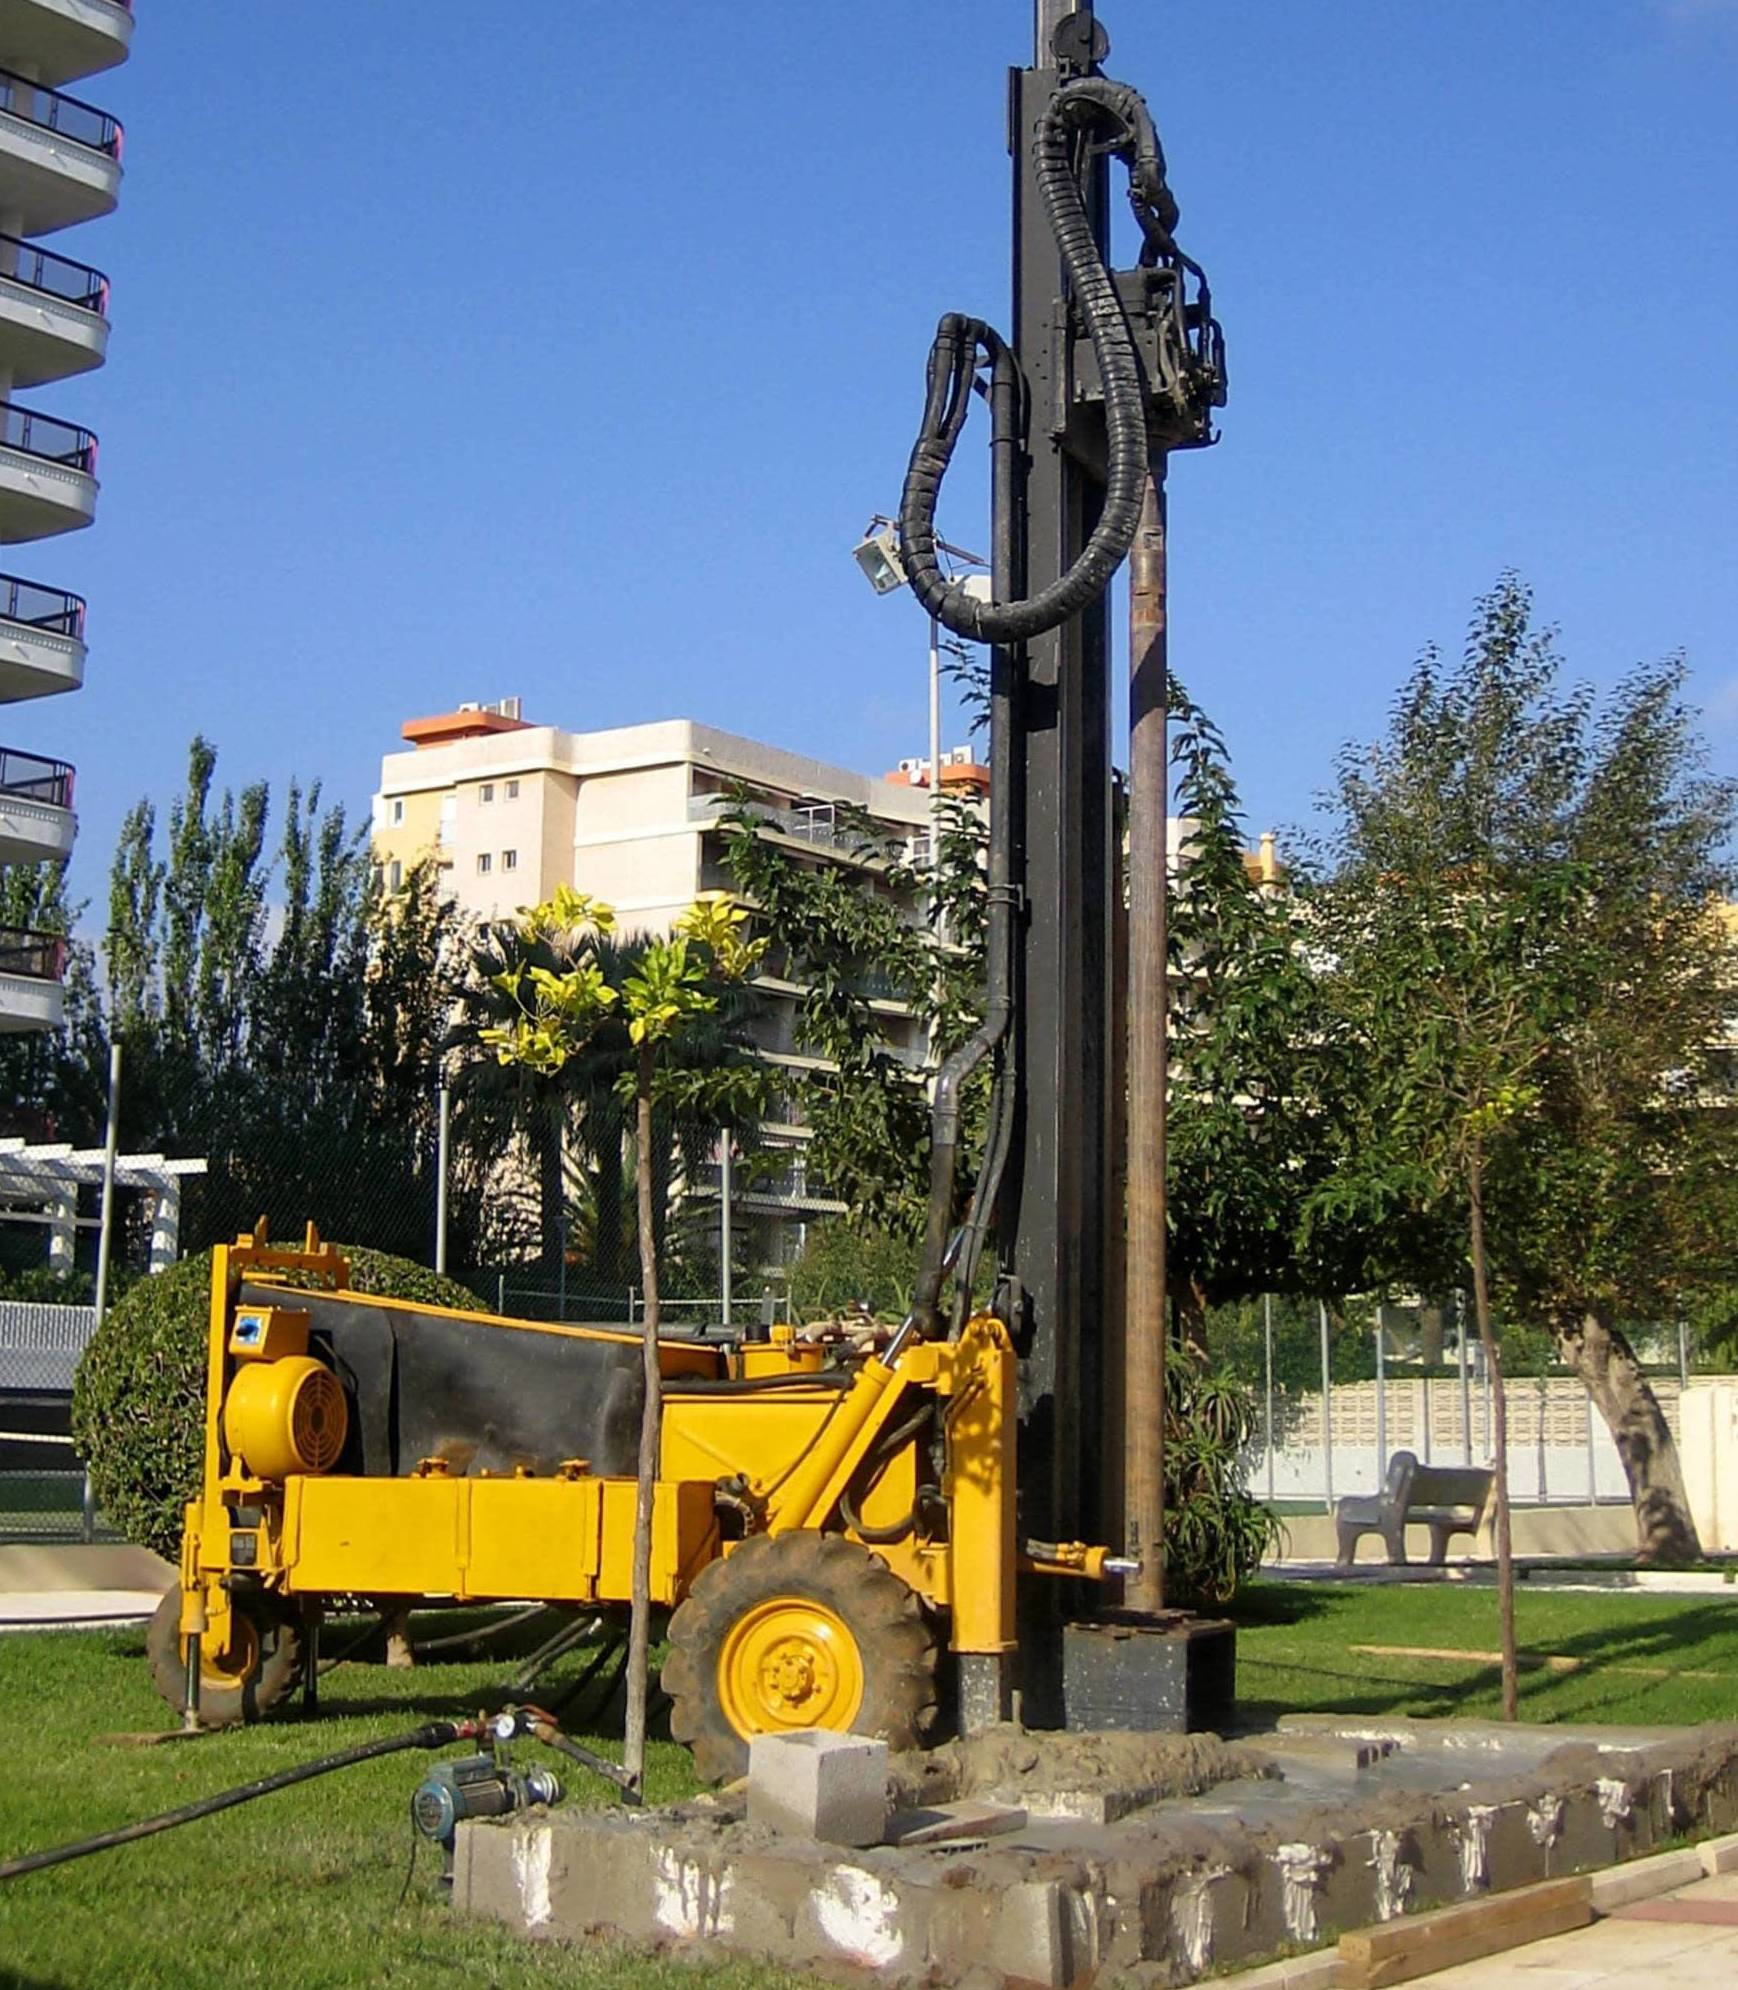 Perforaciones y sondeos en Oliva  - Valencia